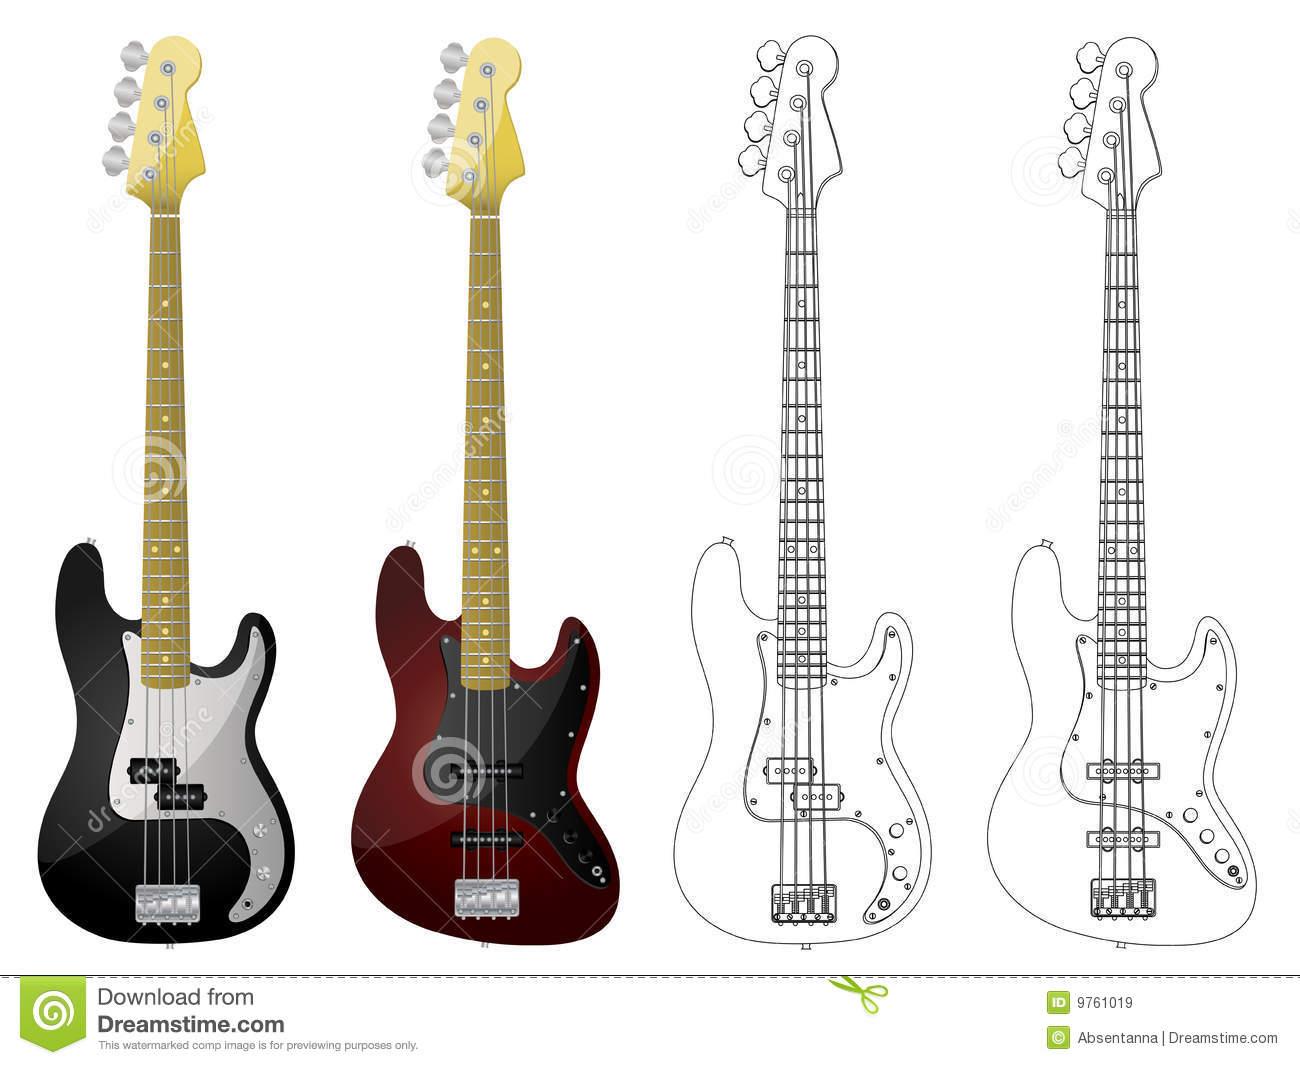 Fender bass guitar clipart.